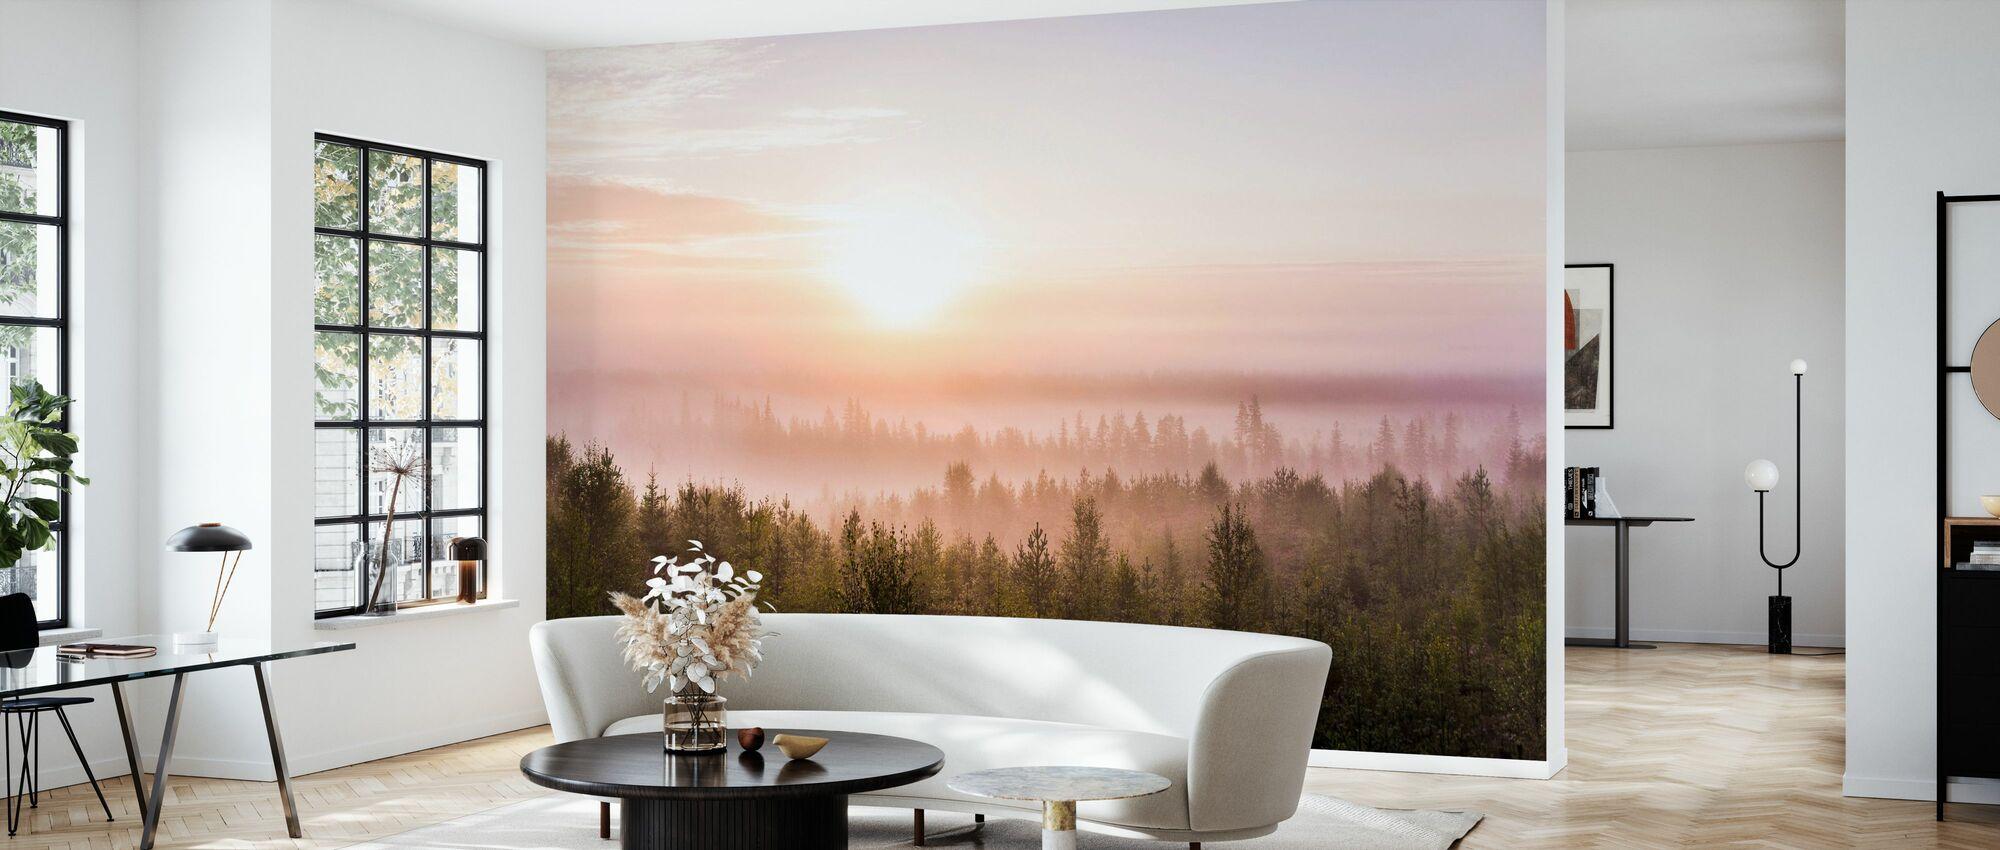 Morning Meditation - Wallpaper - Living Room